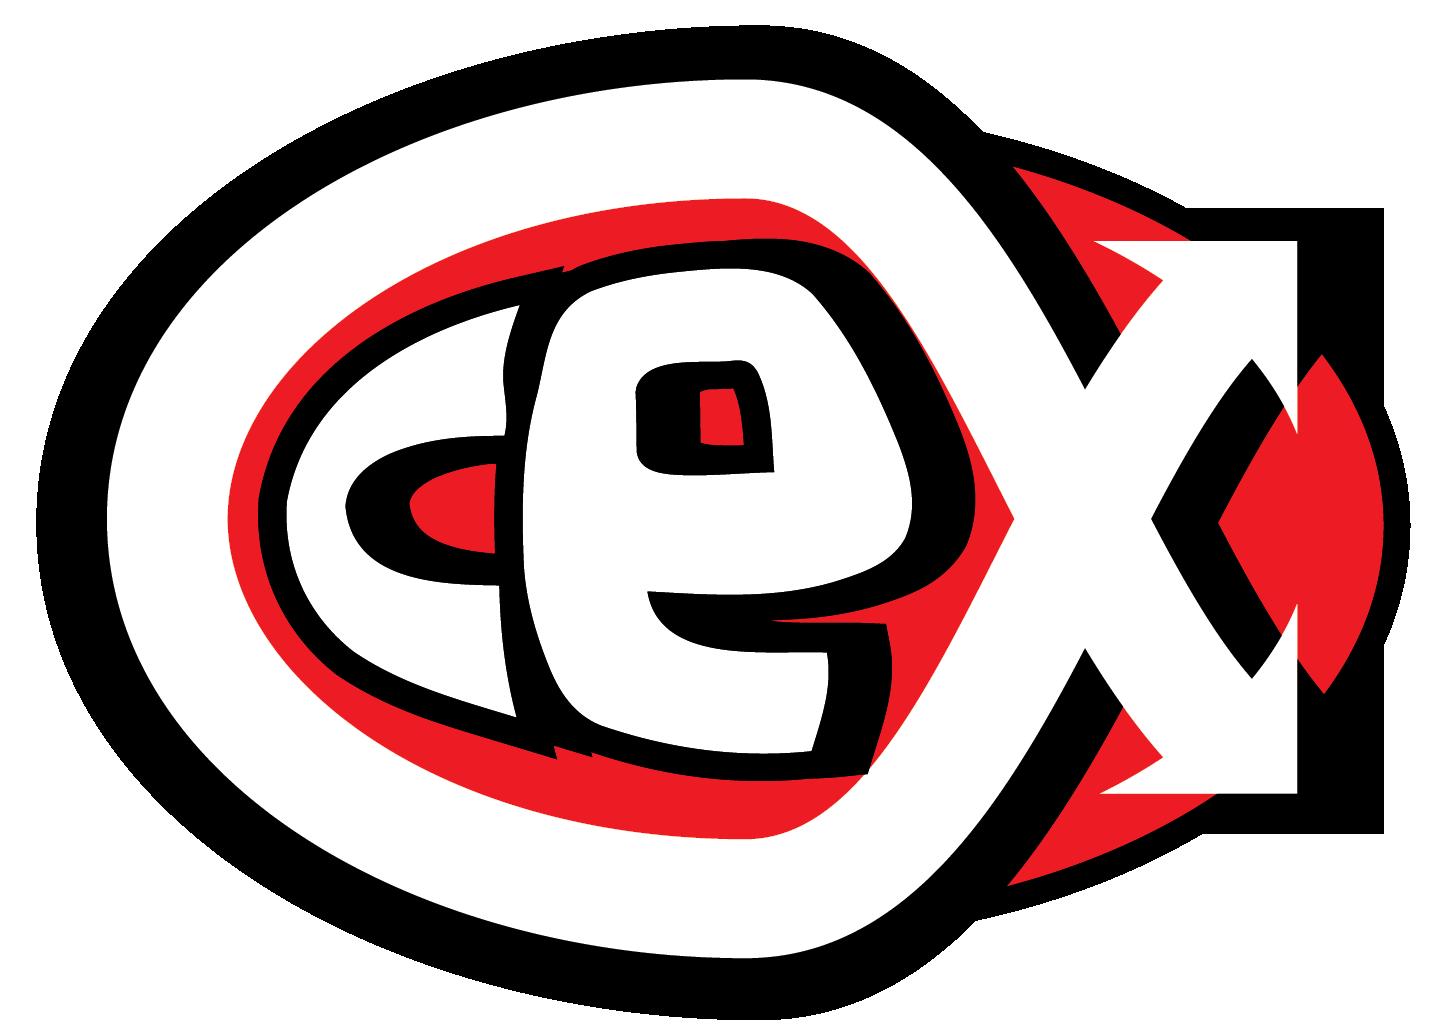 CeX esports